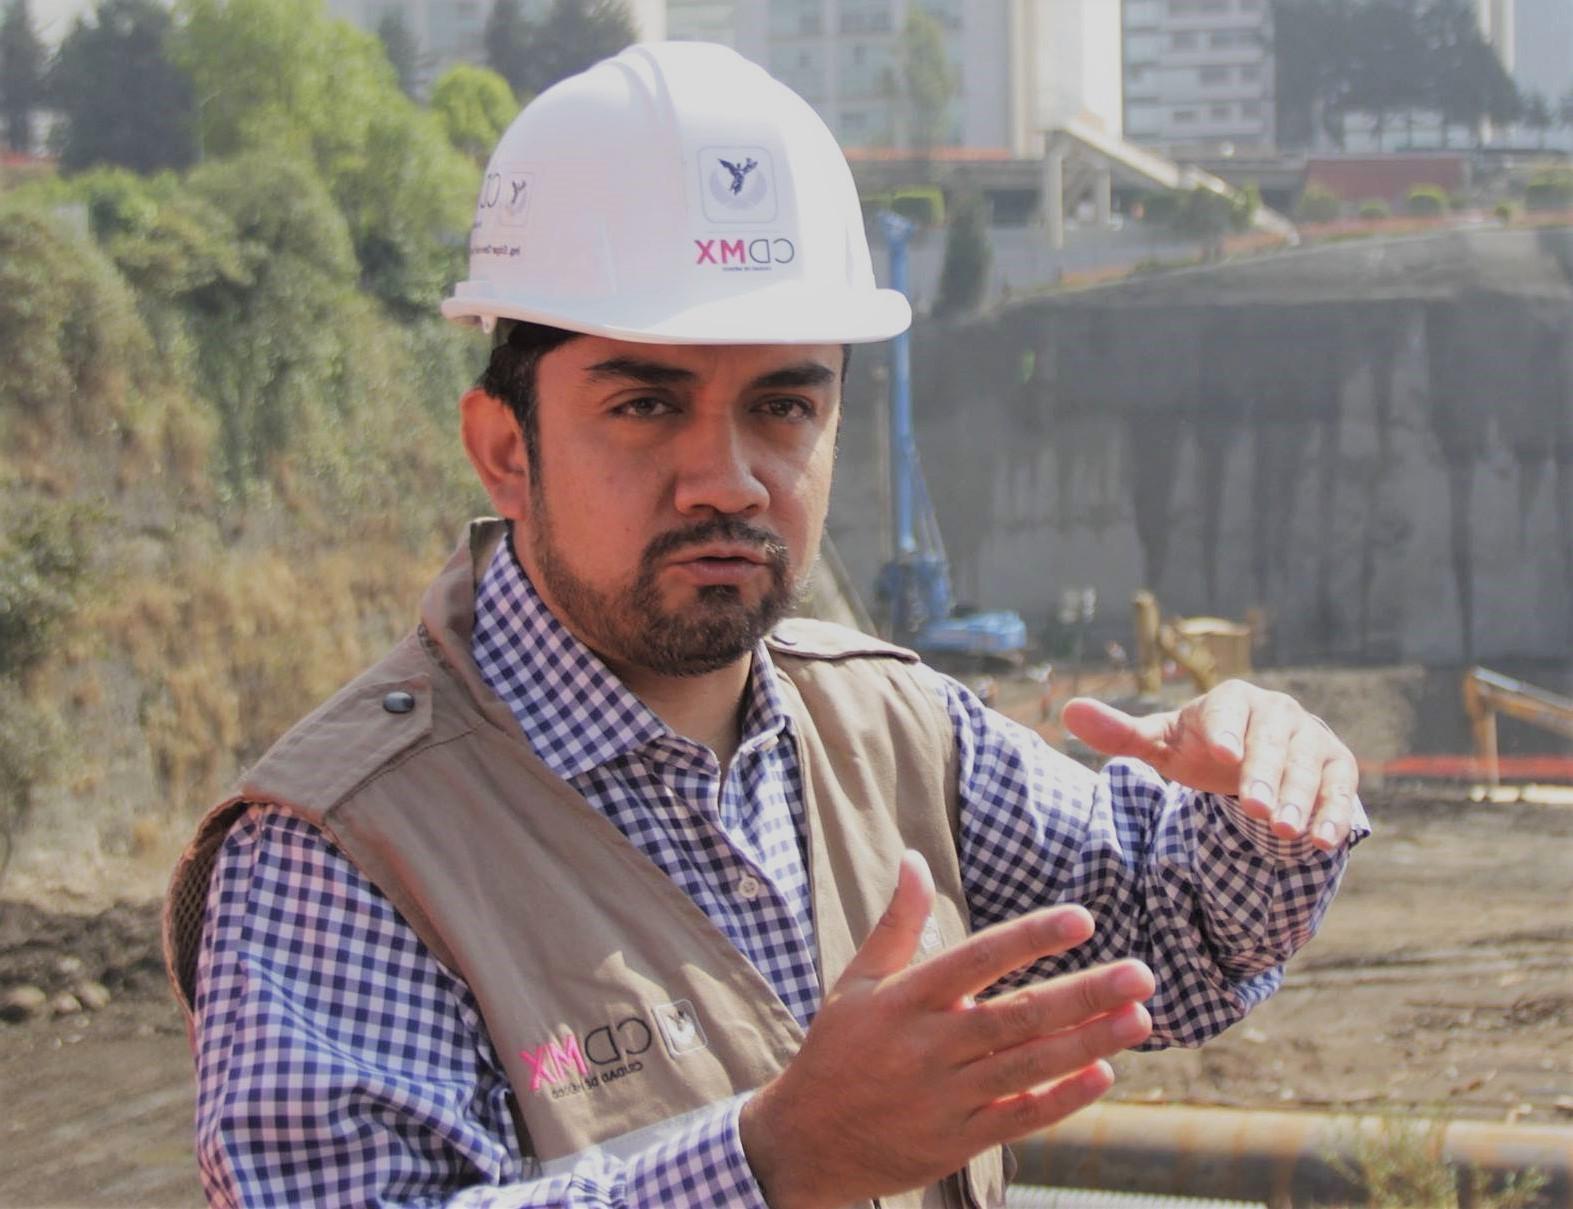 Tras ser extraditado de España, detienen a Edgar Tungüí, excomisionado para la reconstrucción en CDMX